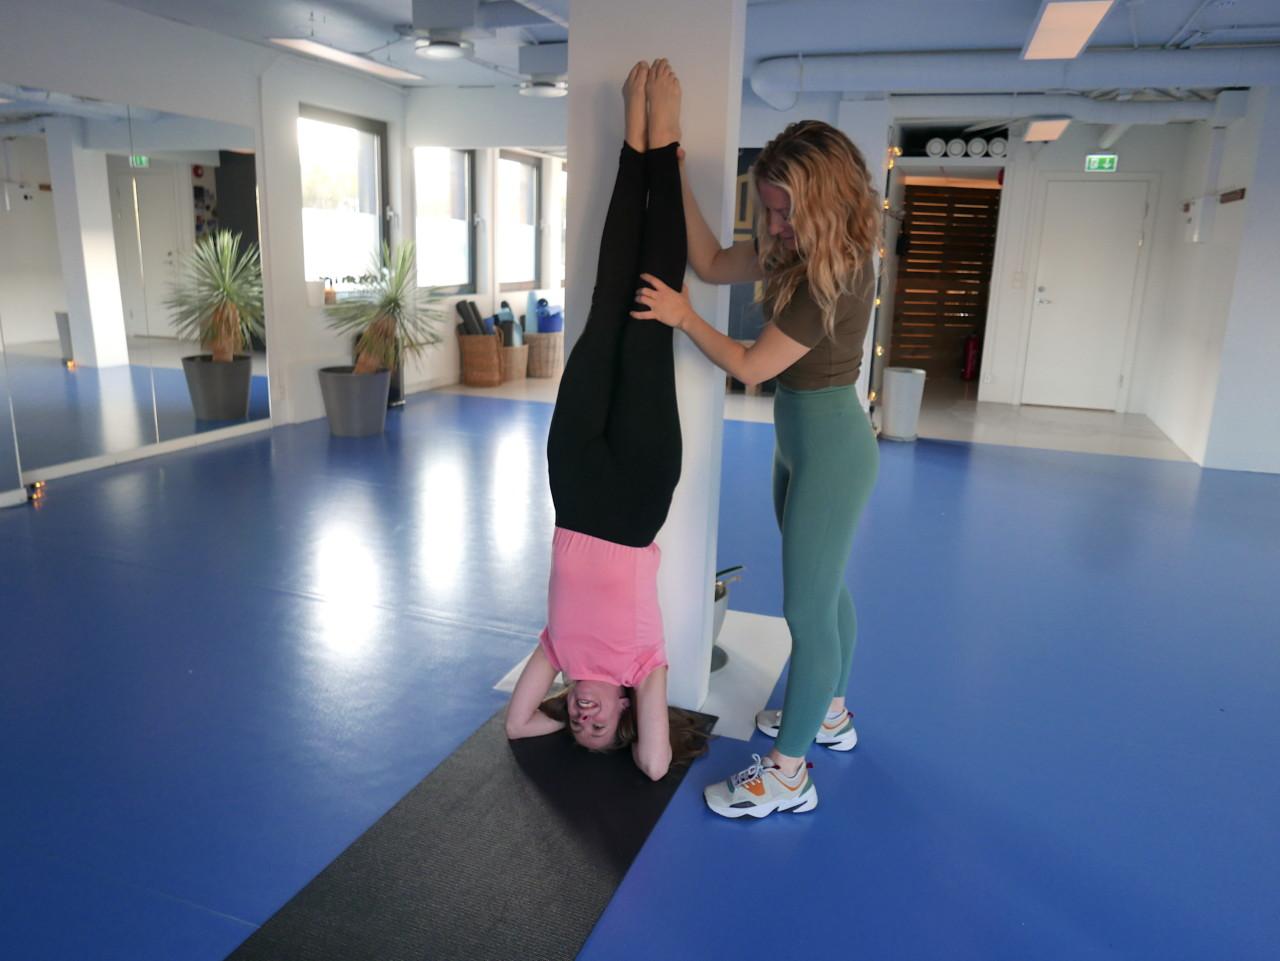 hodestaaende-headstand-yoga-flyt-studio-nesodden